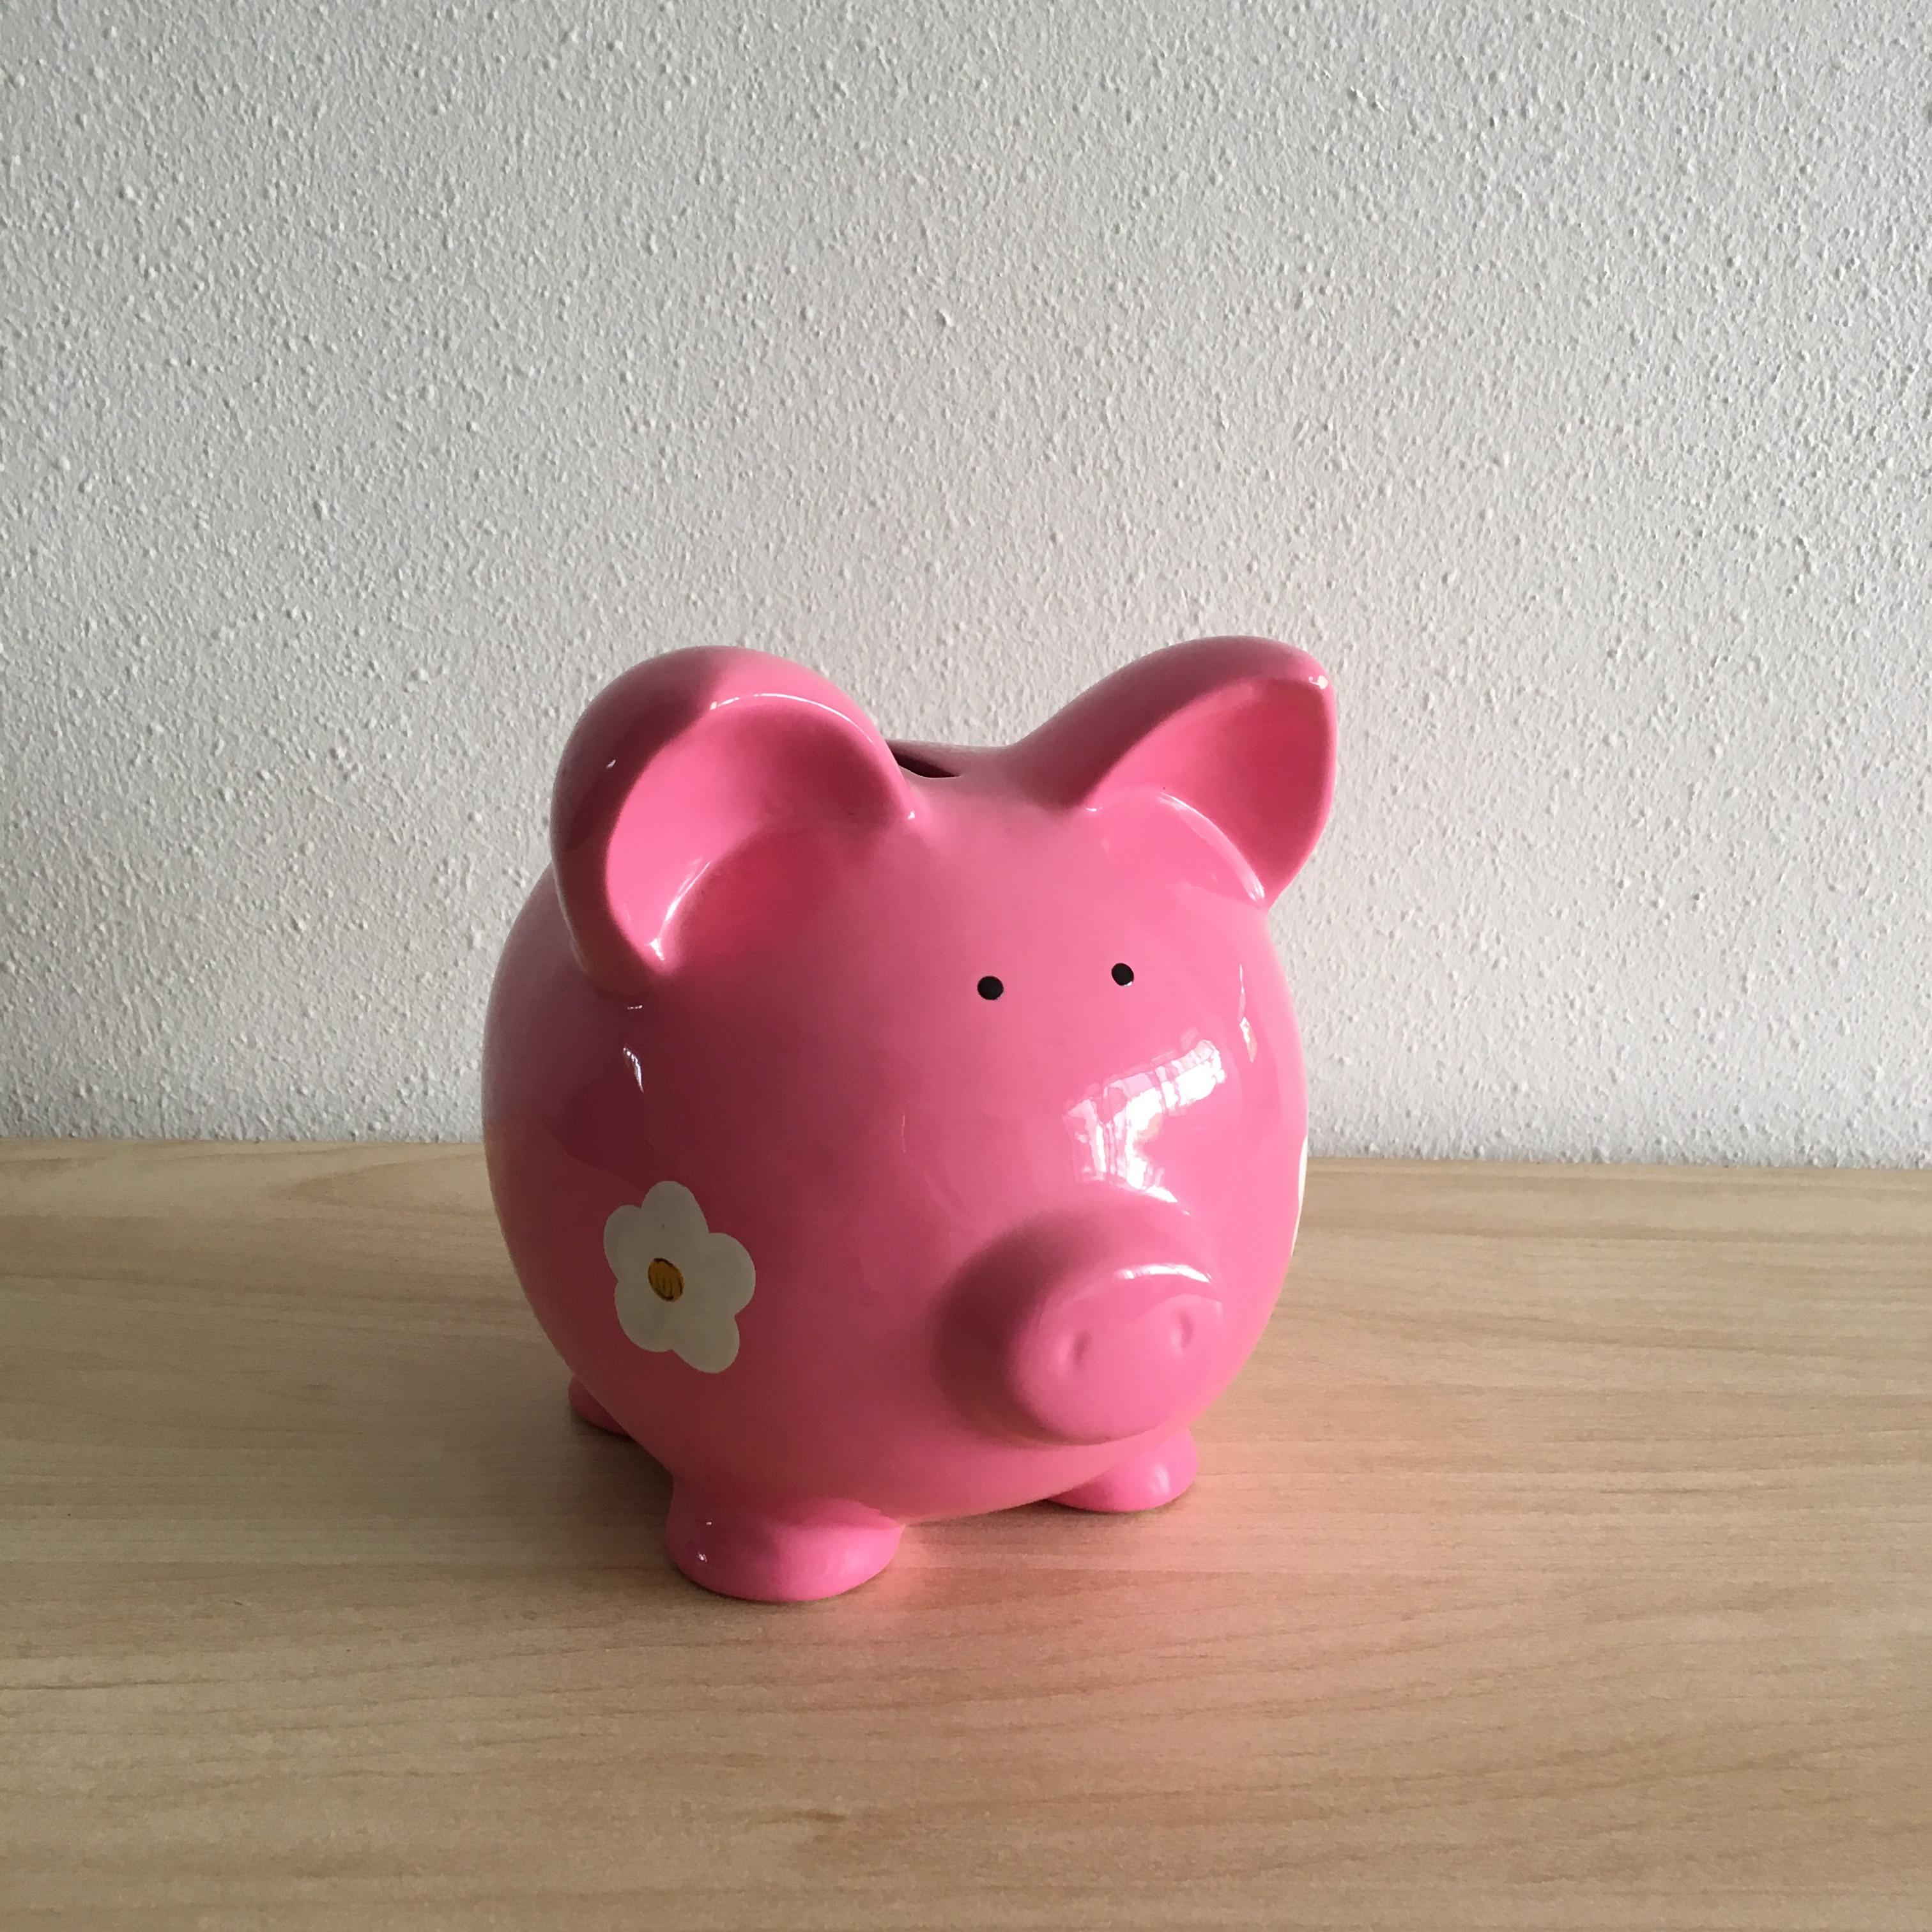 piggy bank deutsch # 75